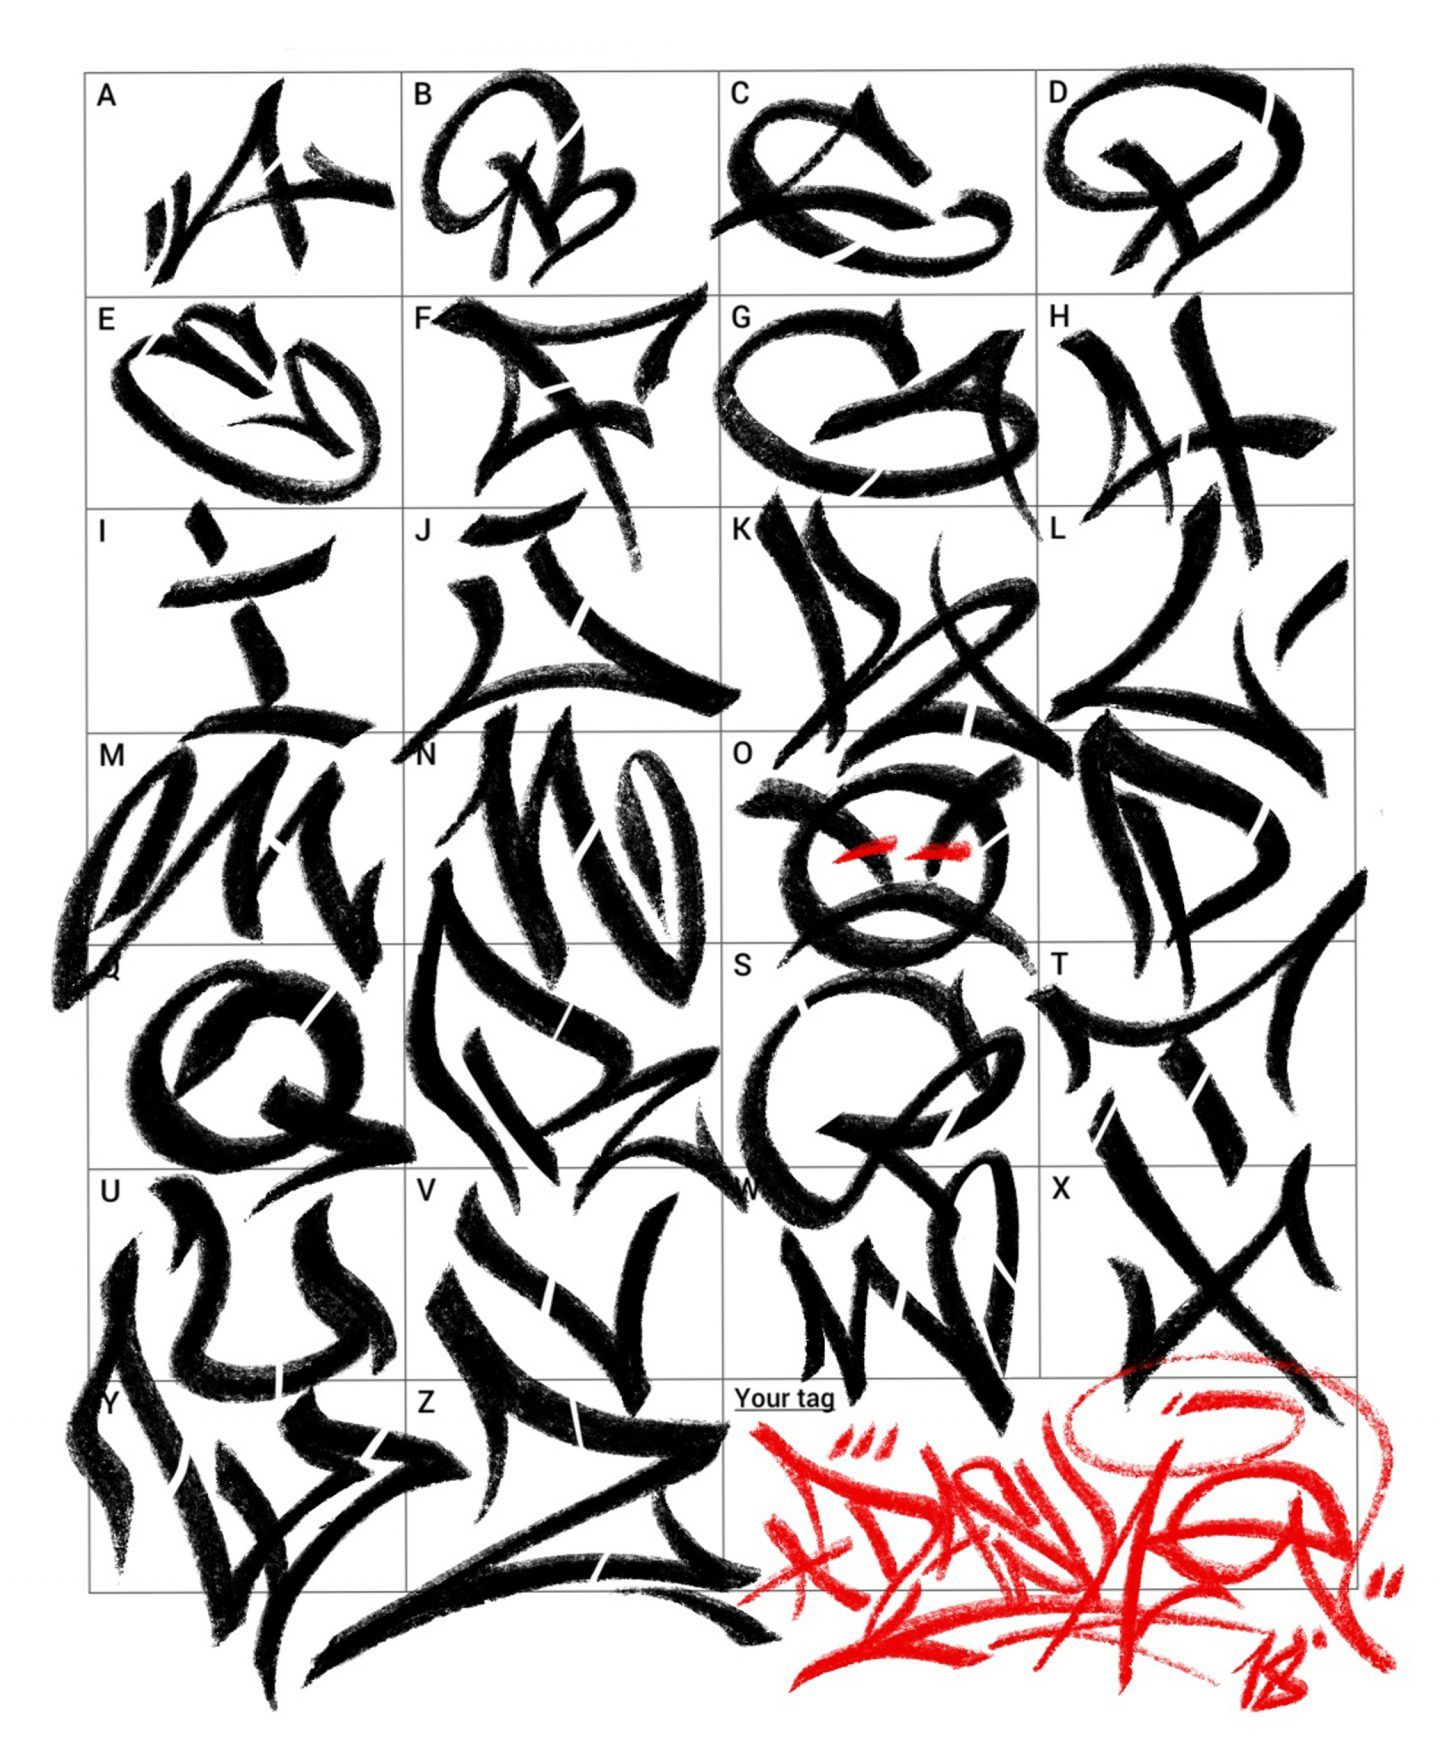 Abecedario En Graffiti Buscar Con Google Tipos De Letras